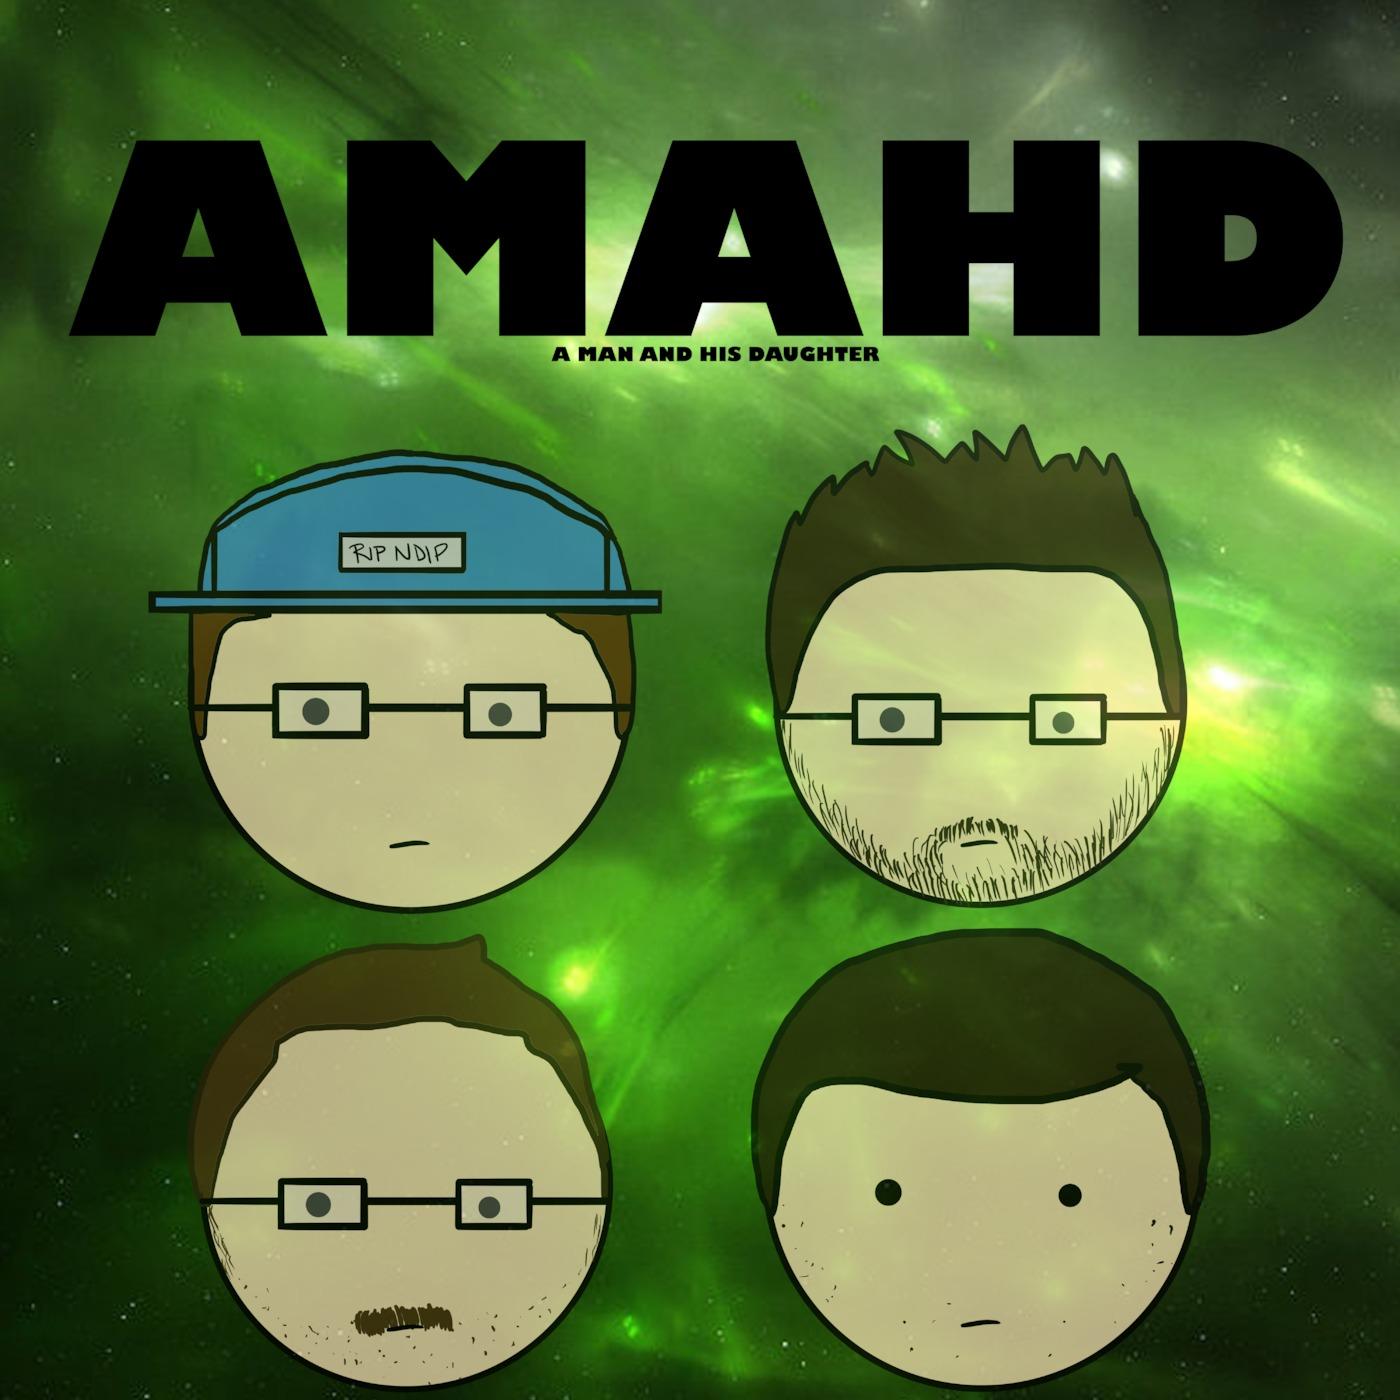 AMAHD